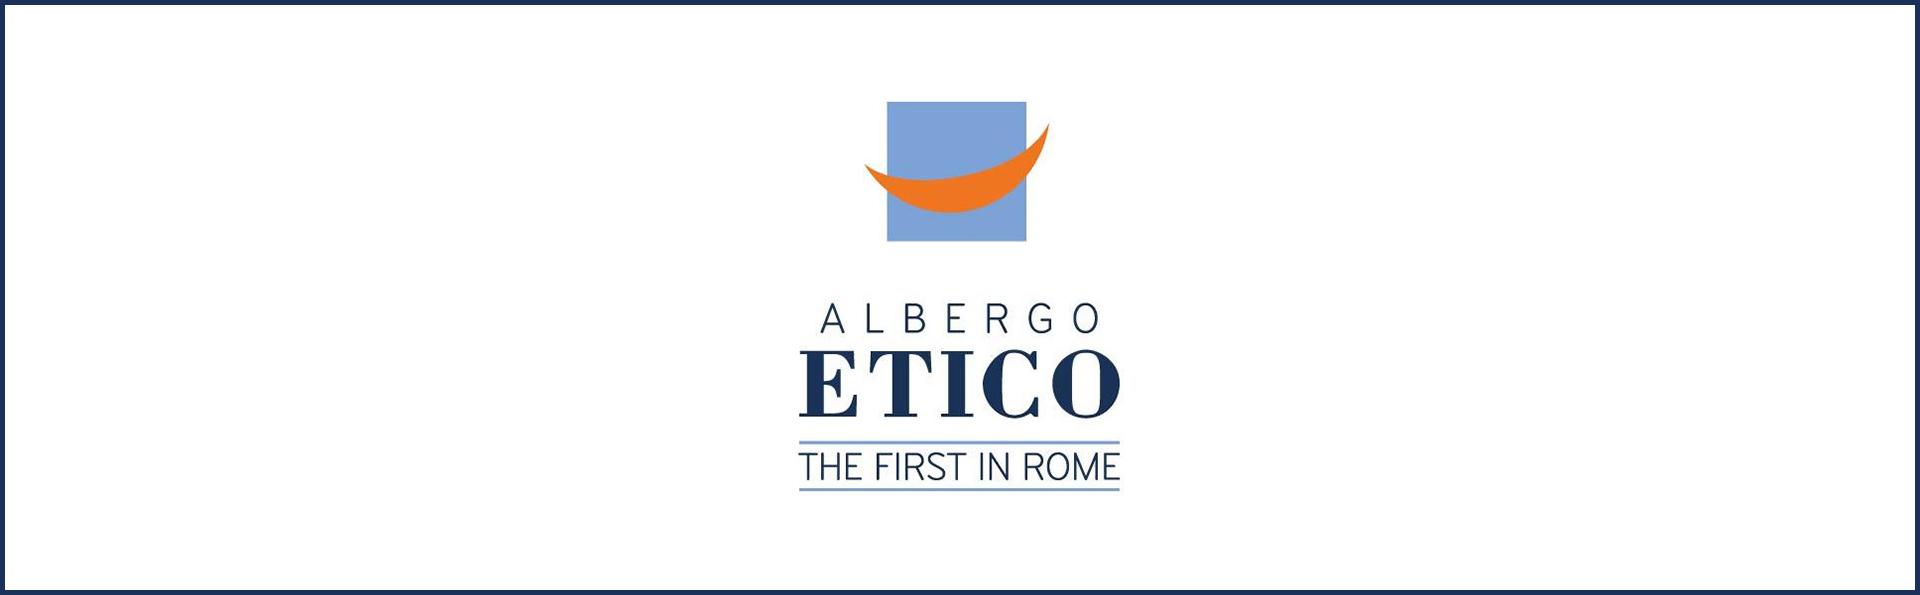 Albergo etico a Roma